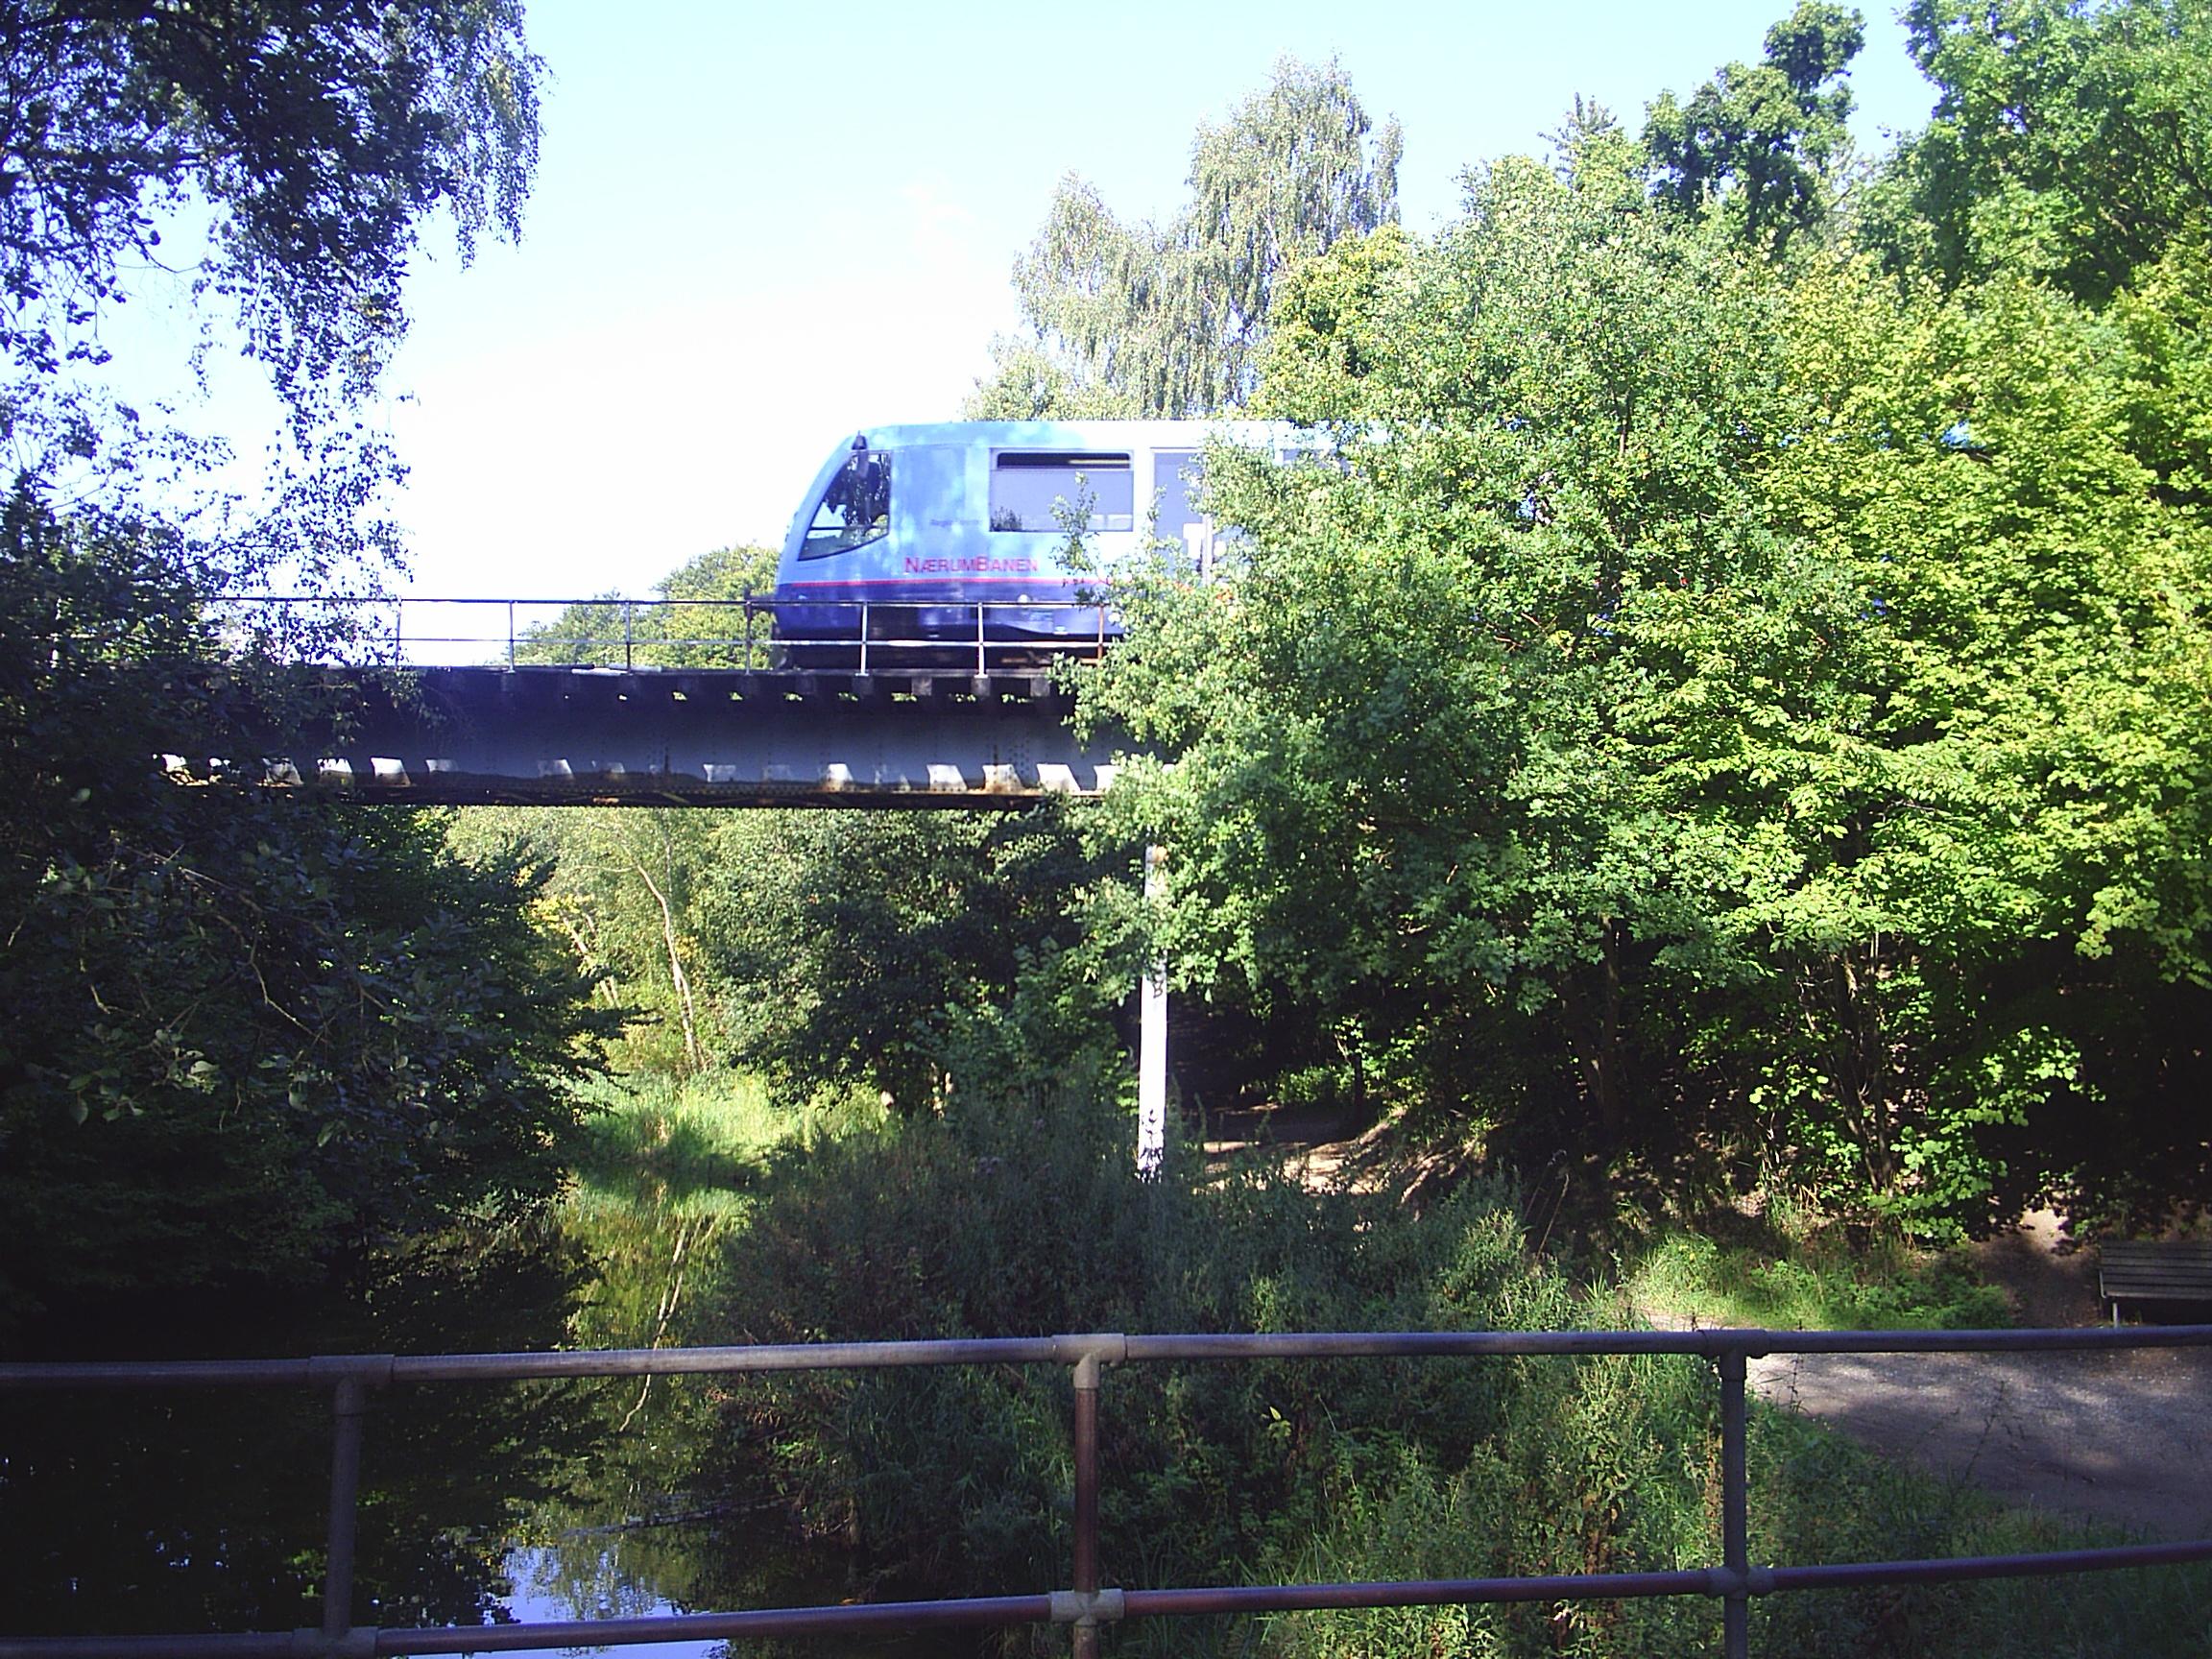 Lokal tog passerer bro over Mølleåen 500 m øst for Ravnholm station. Her er også bro-overgange for tobenede. Foto: sept. 2008